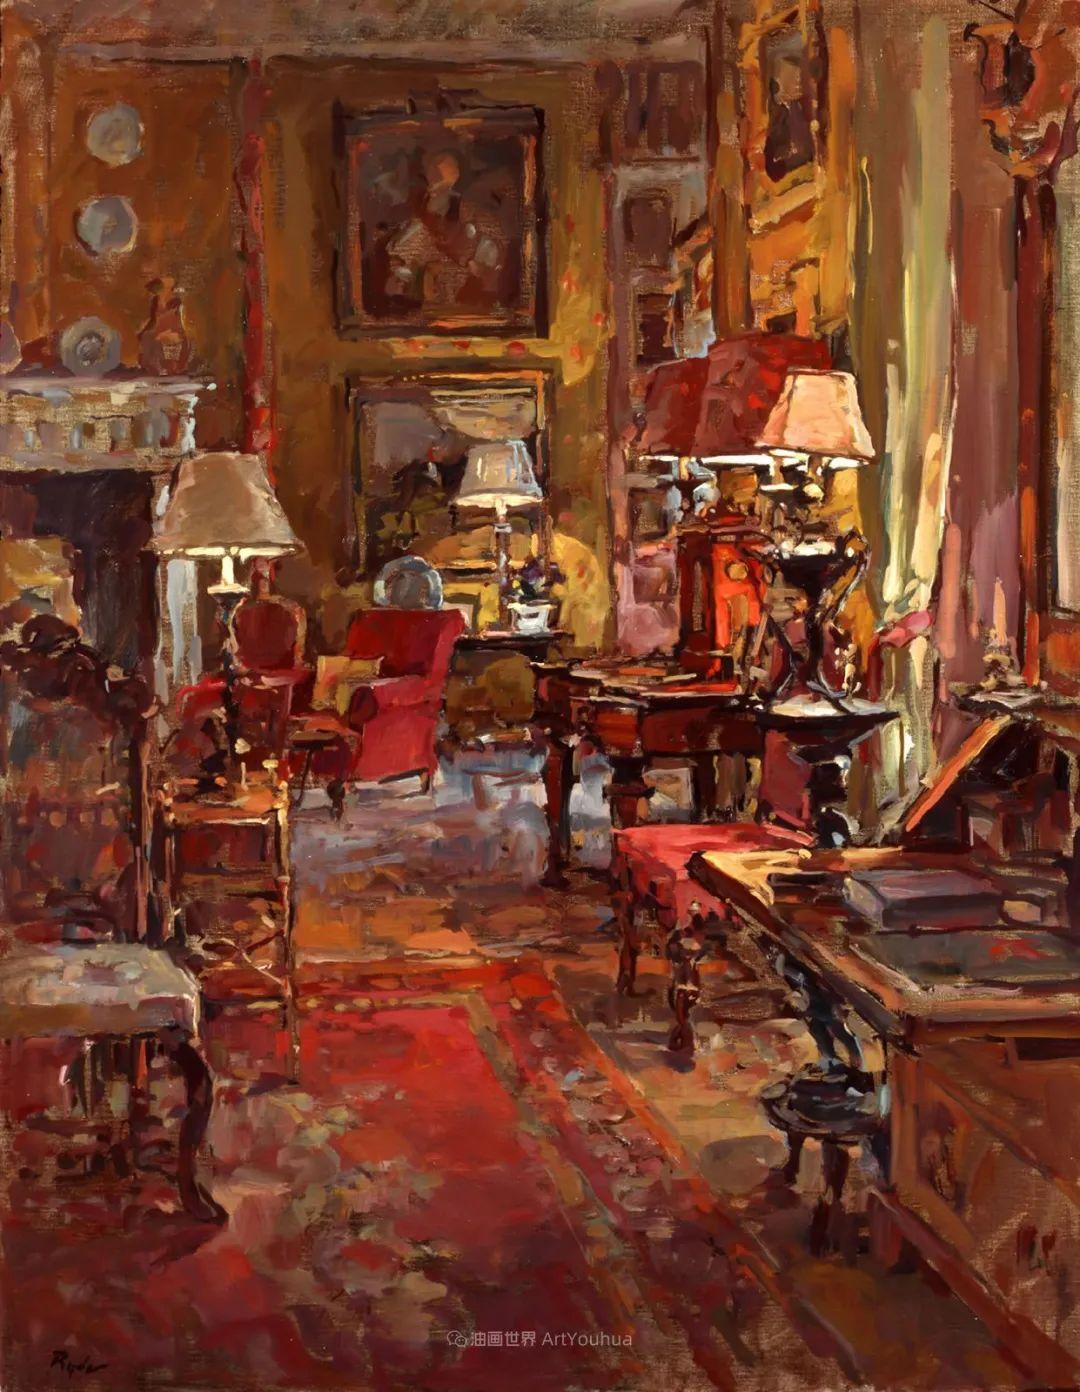 光彩的室内、明媚的露台,冷暖色调都很赞!插图89